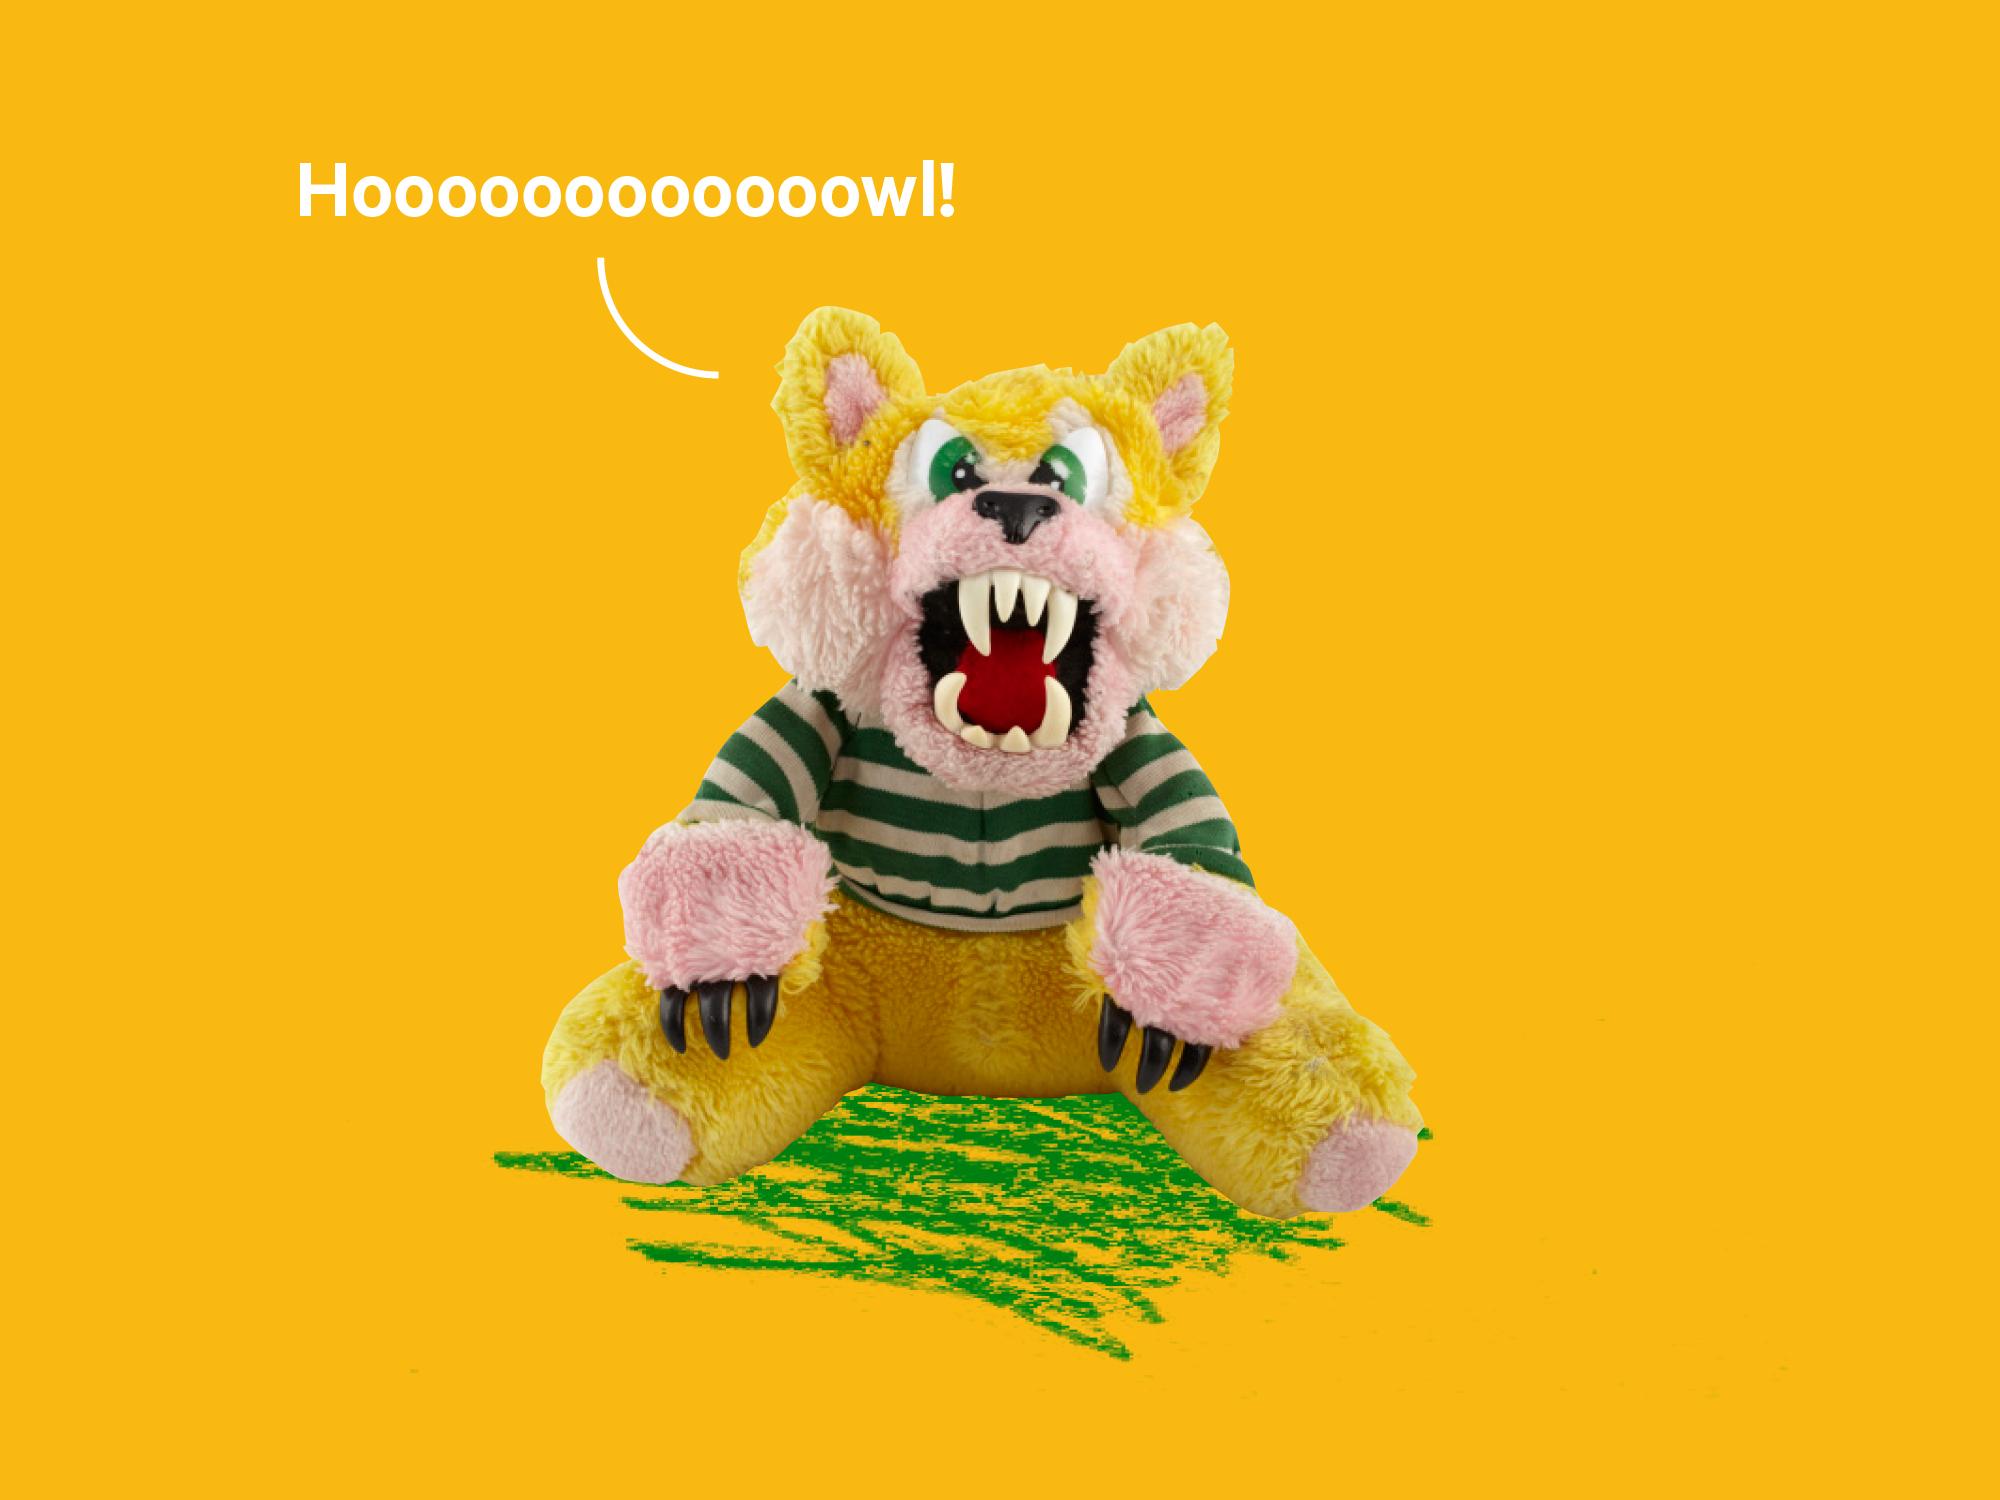 Cover image: Ark teddy bear